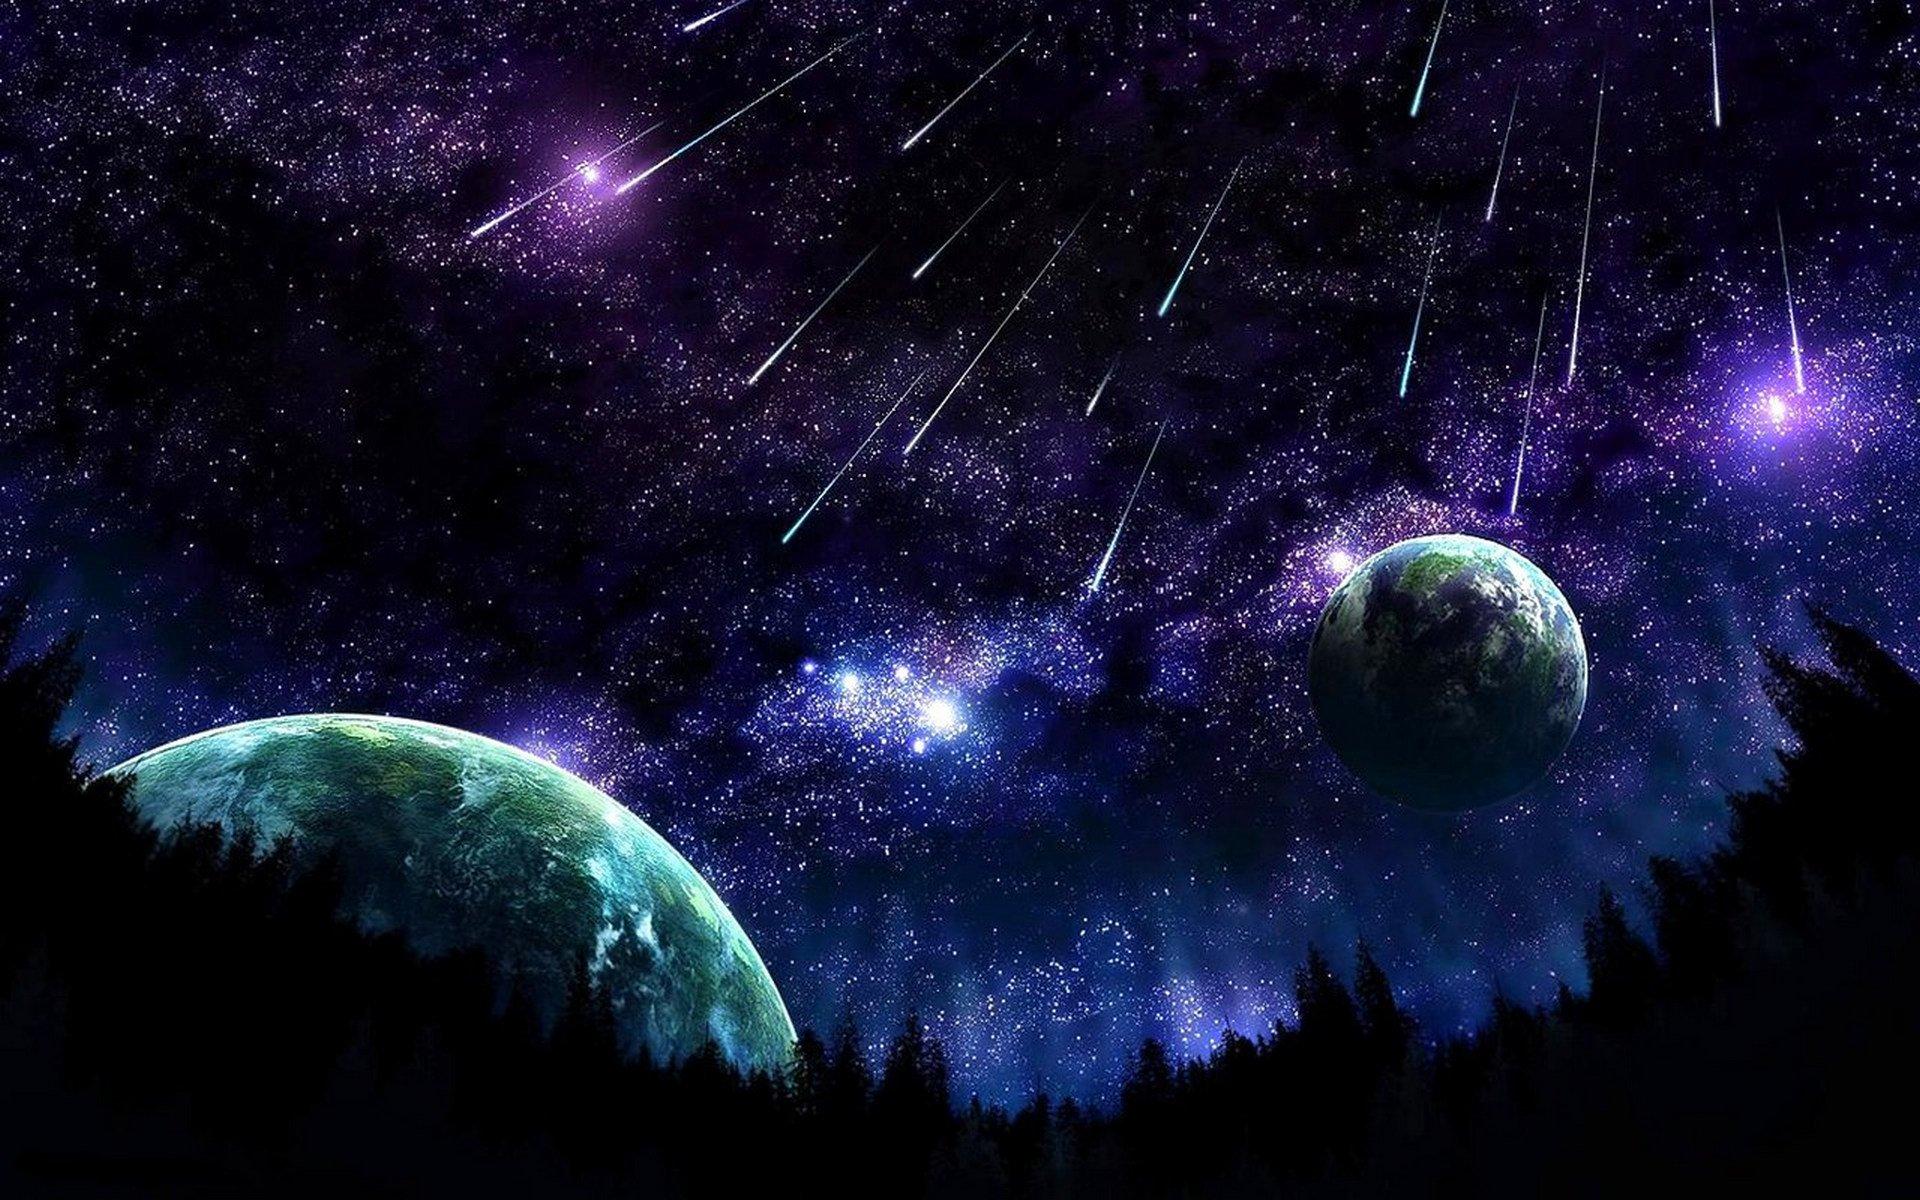 Прикольные для, космос картинки онлайн